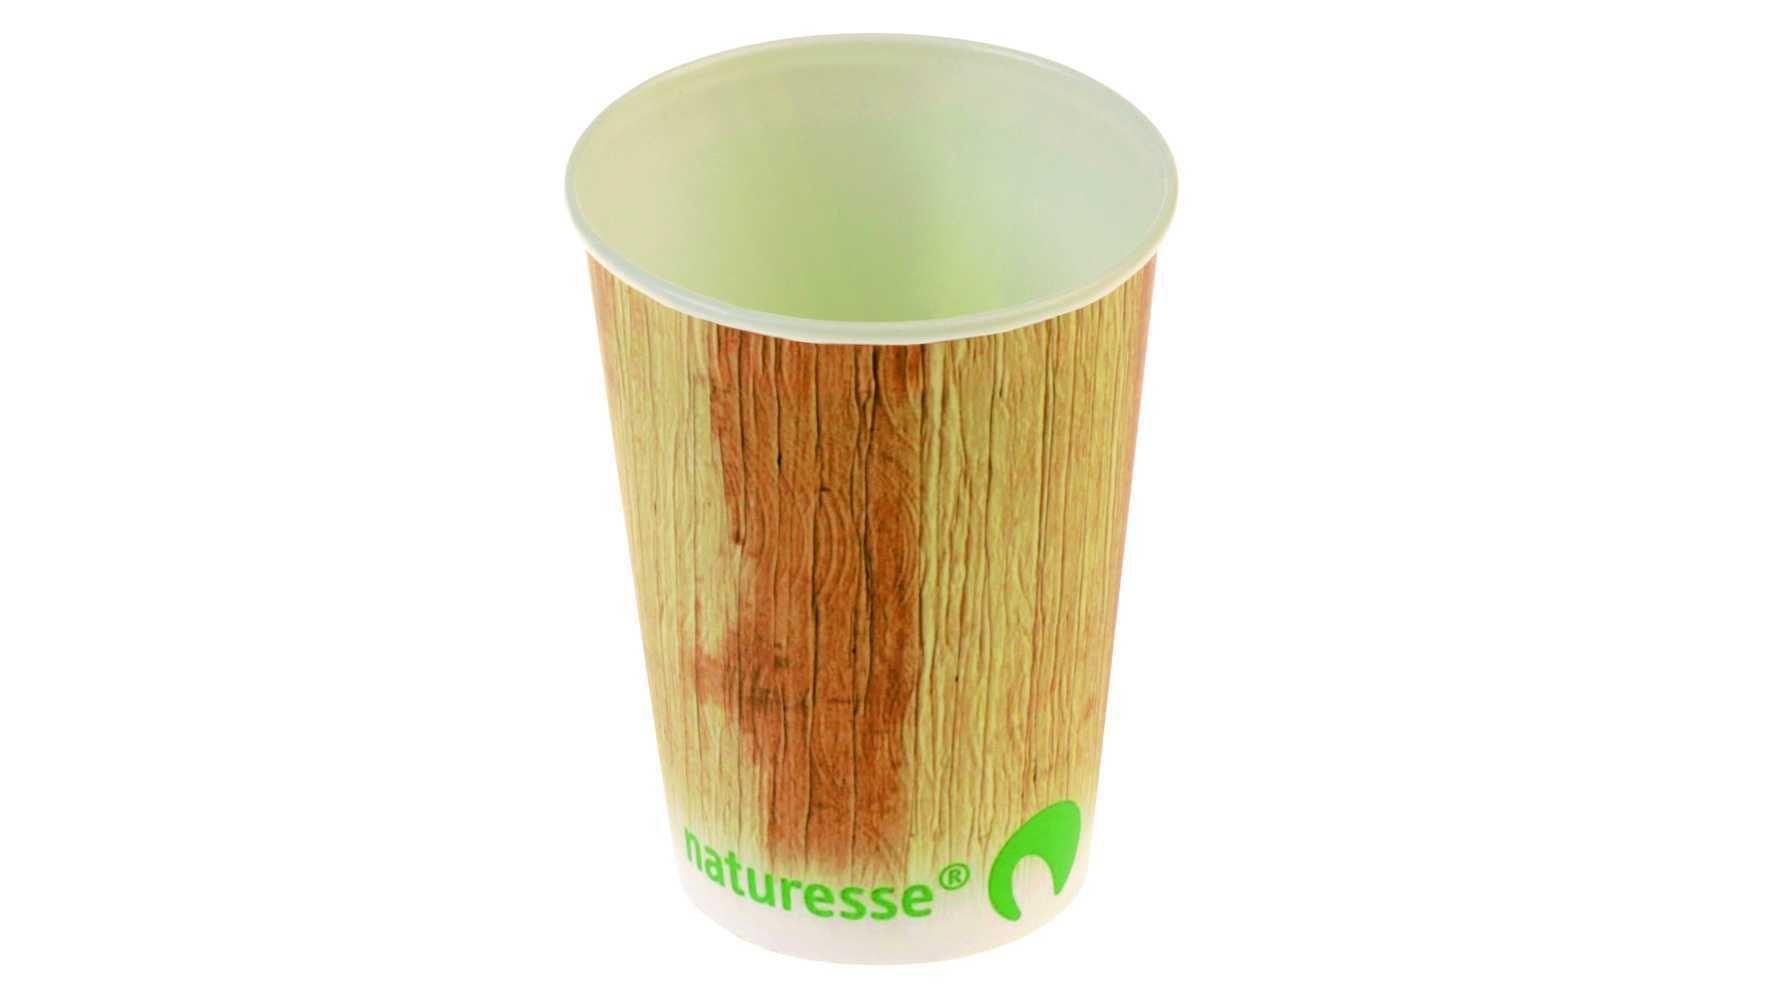 Naturessen luonnollisesti hajoavat kartonkiset kupit valmistetaan puhtaasta selluloosasta. Kuppien sisäpinta pinnoitetaan tärkkelyksellä, jotta ne kestäisivät nesteitä